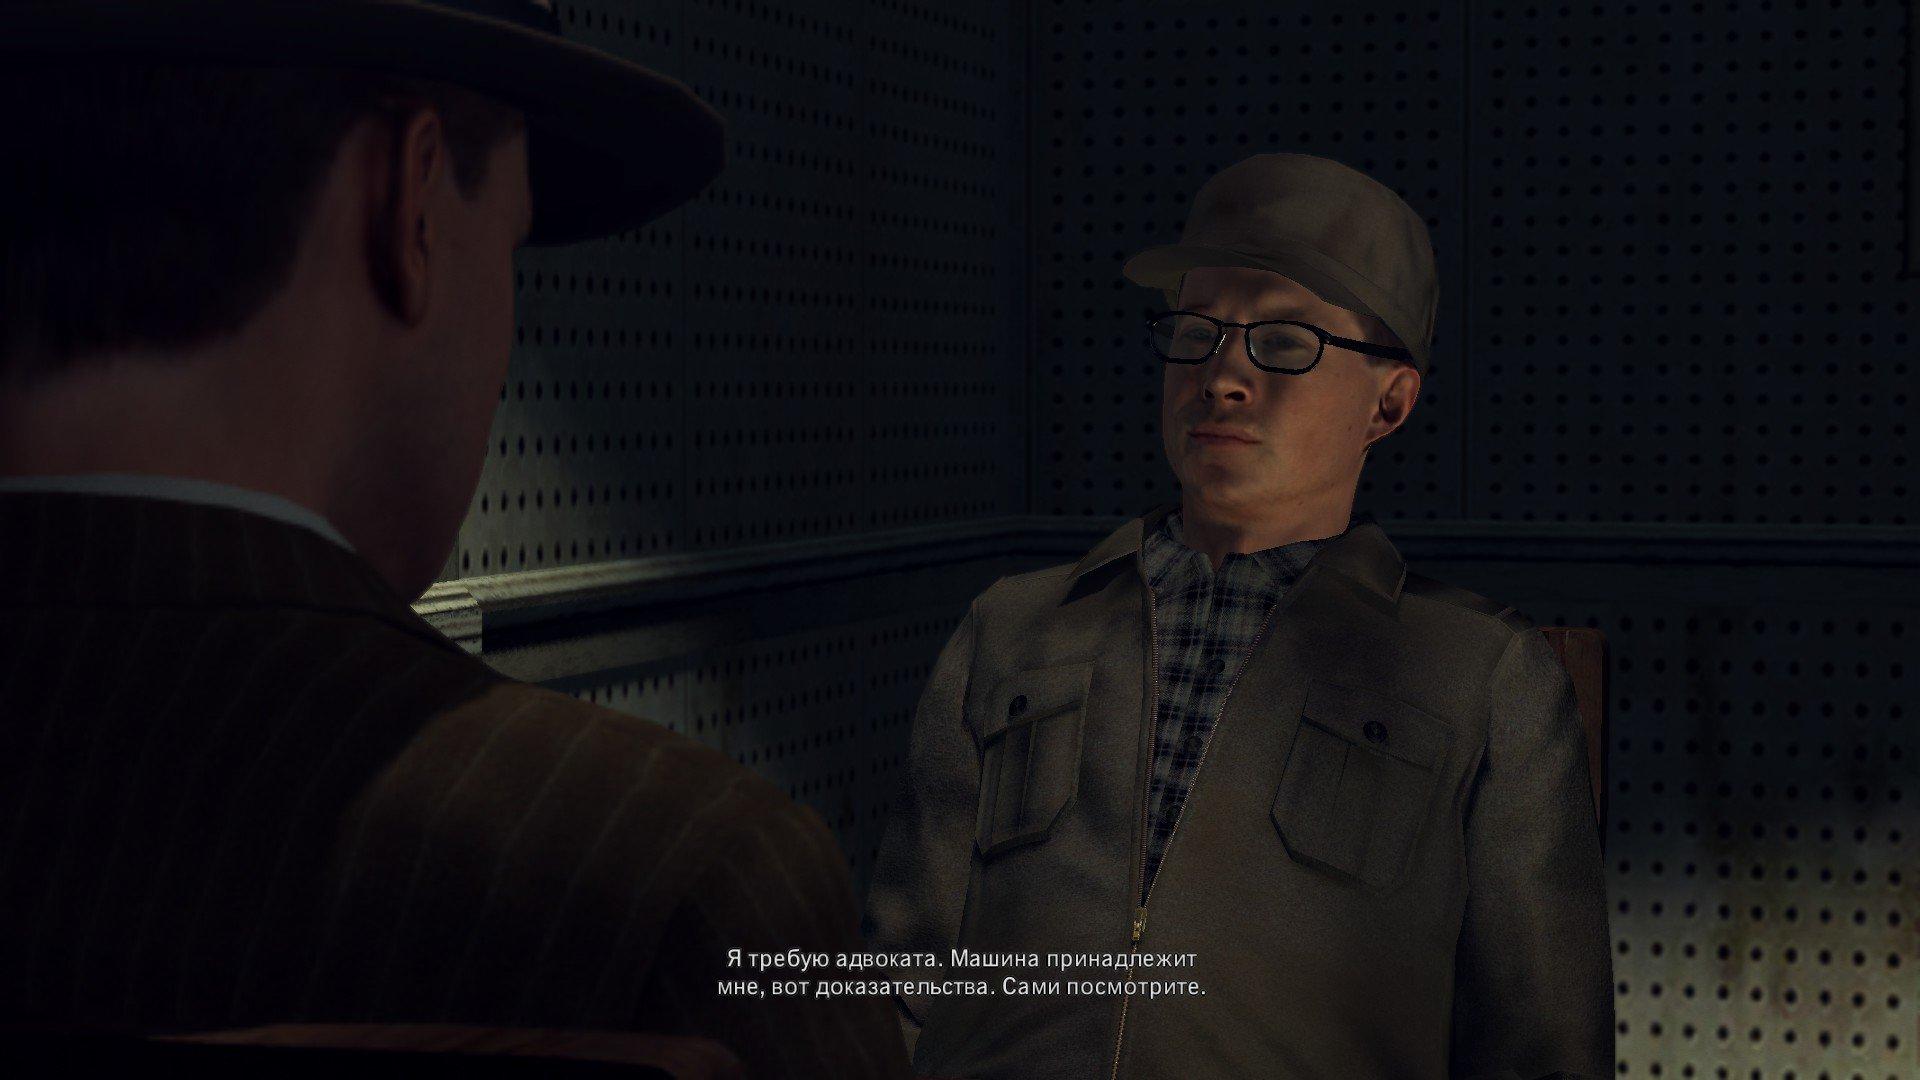 Пост-прохождение L.A. Noire Часть 7 - Изображение 24